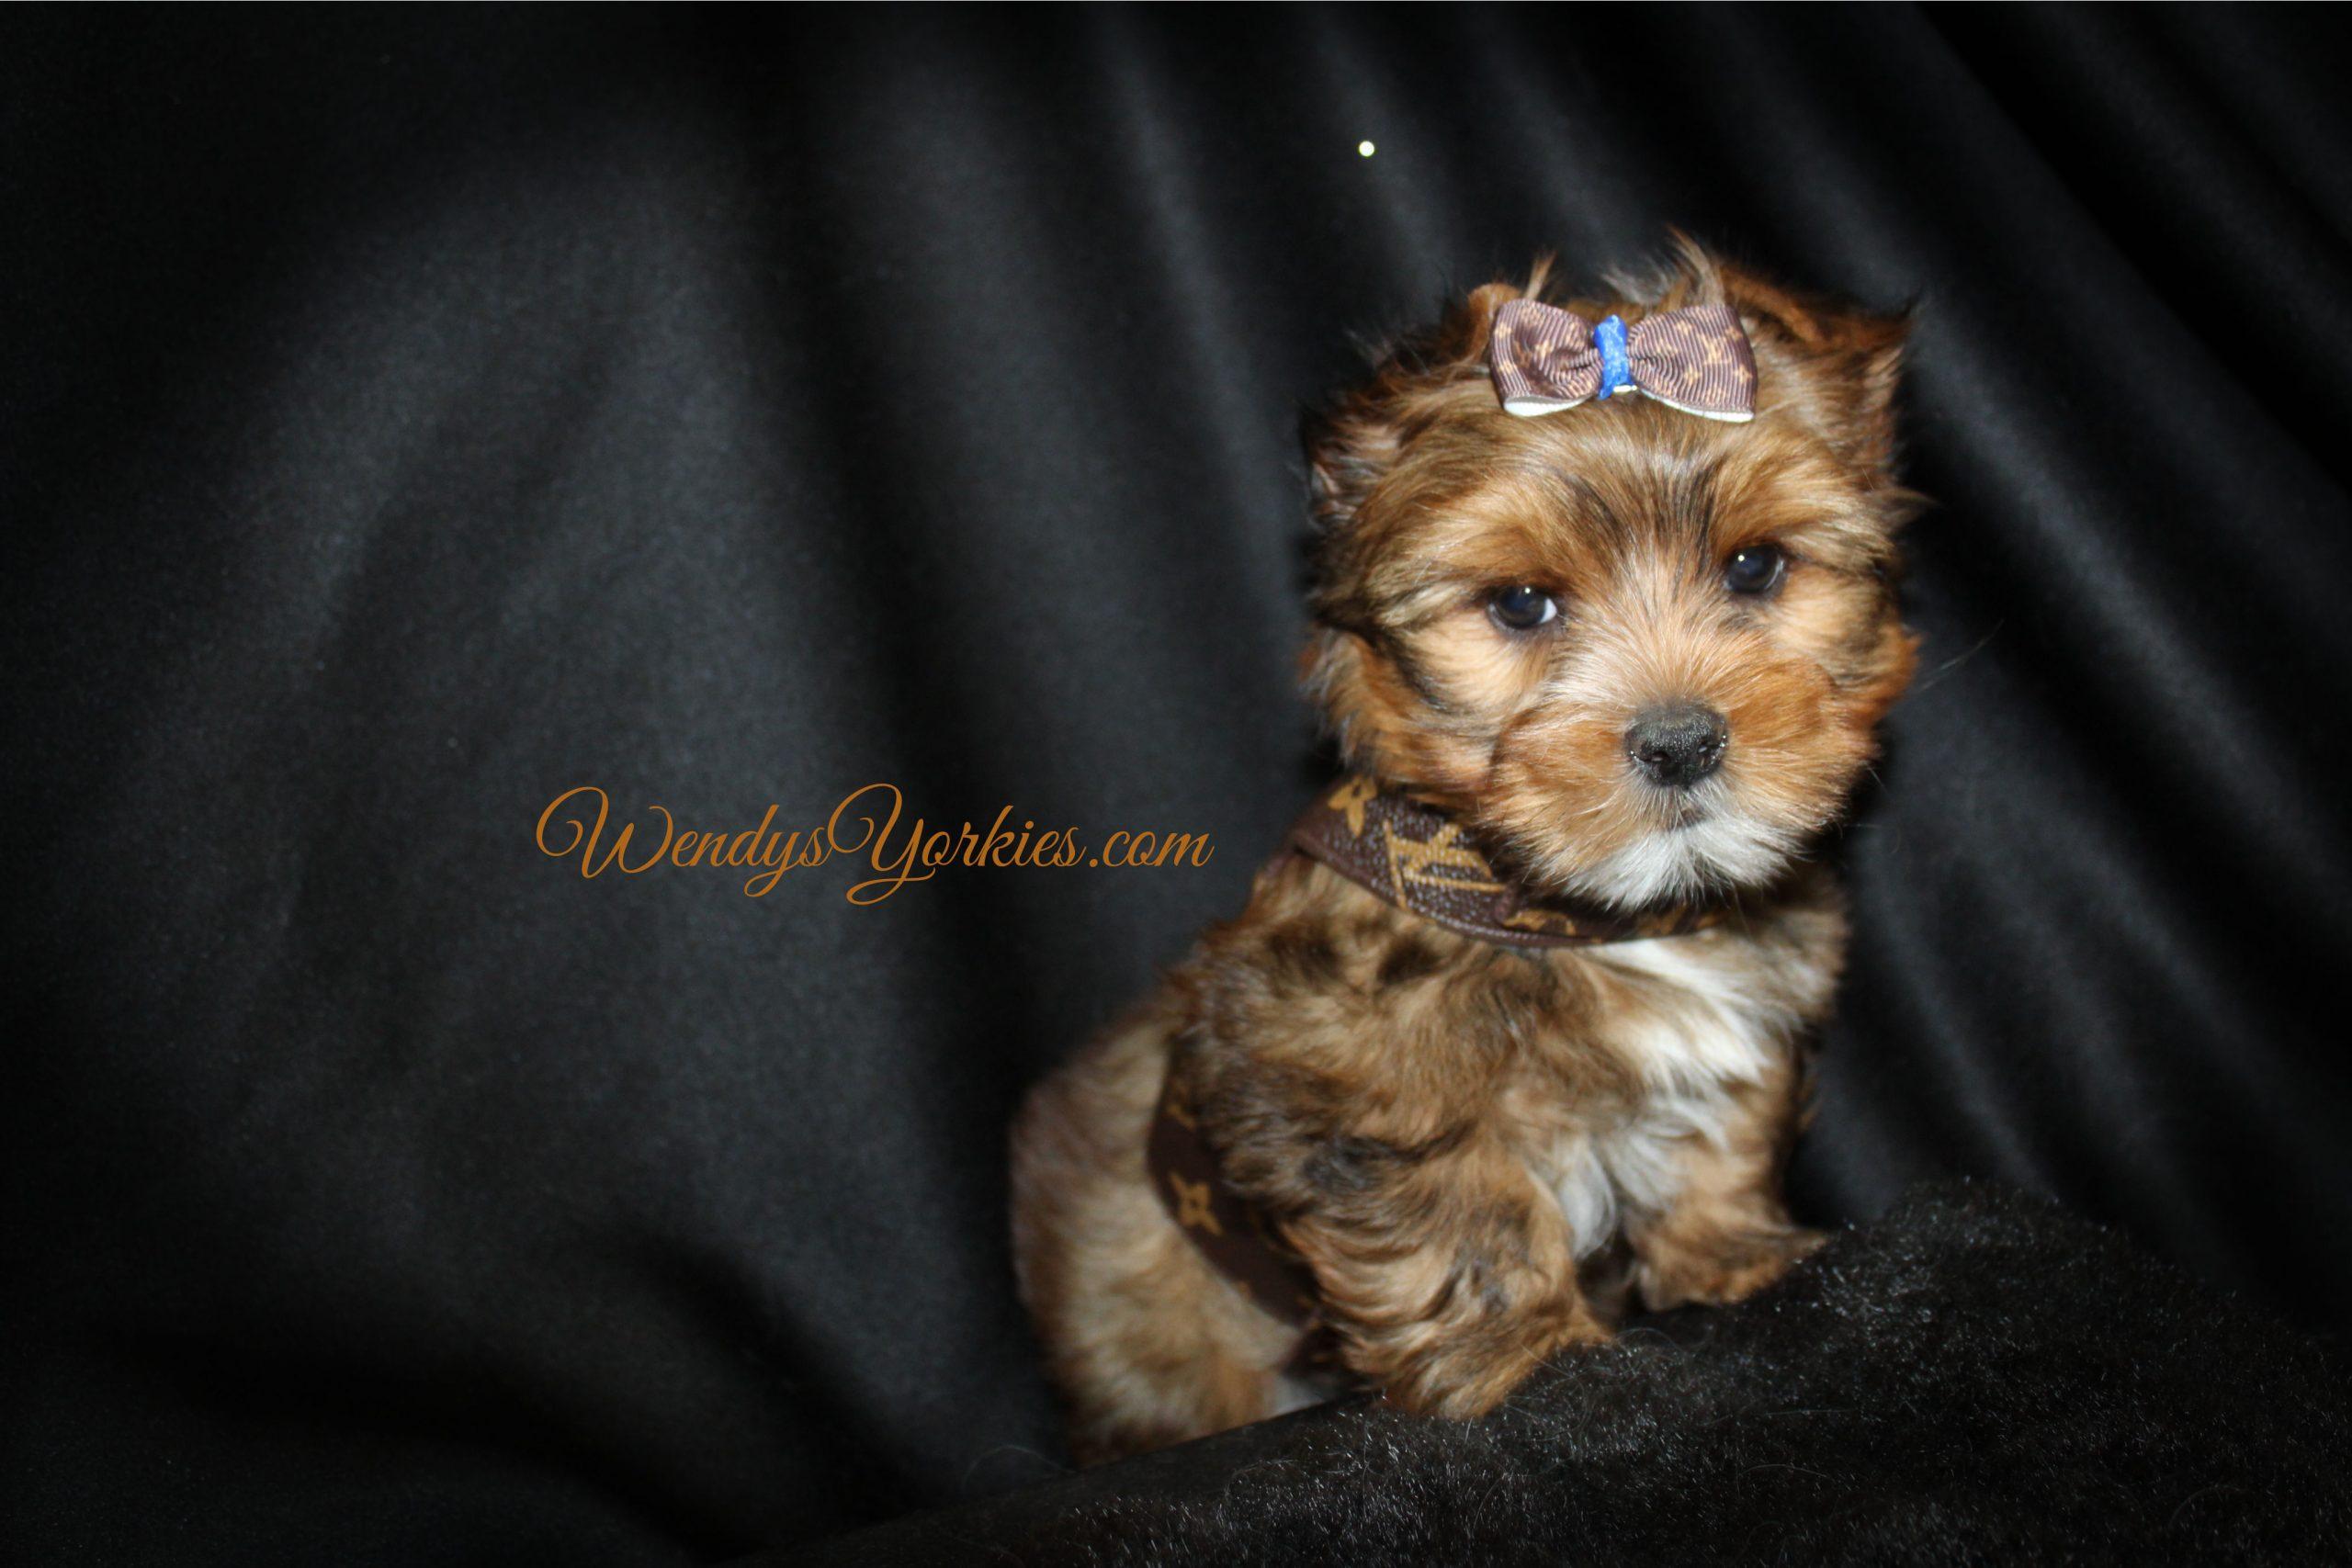 Blonde YOrkie puppy for sale in Texas, Reese m1, WendysYorkies.com